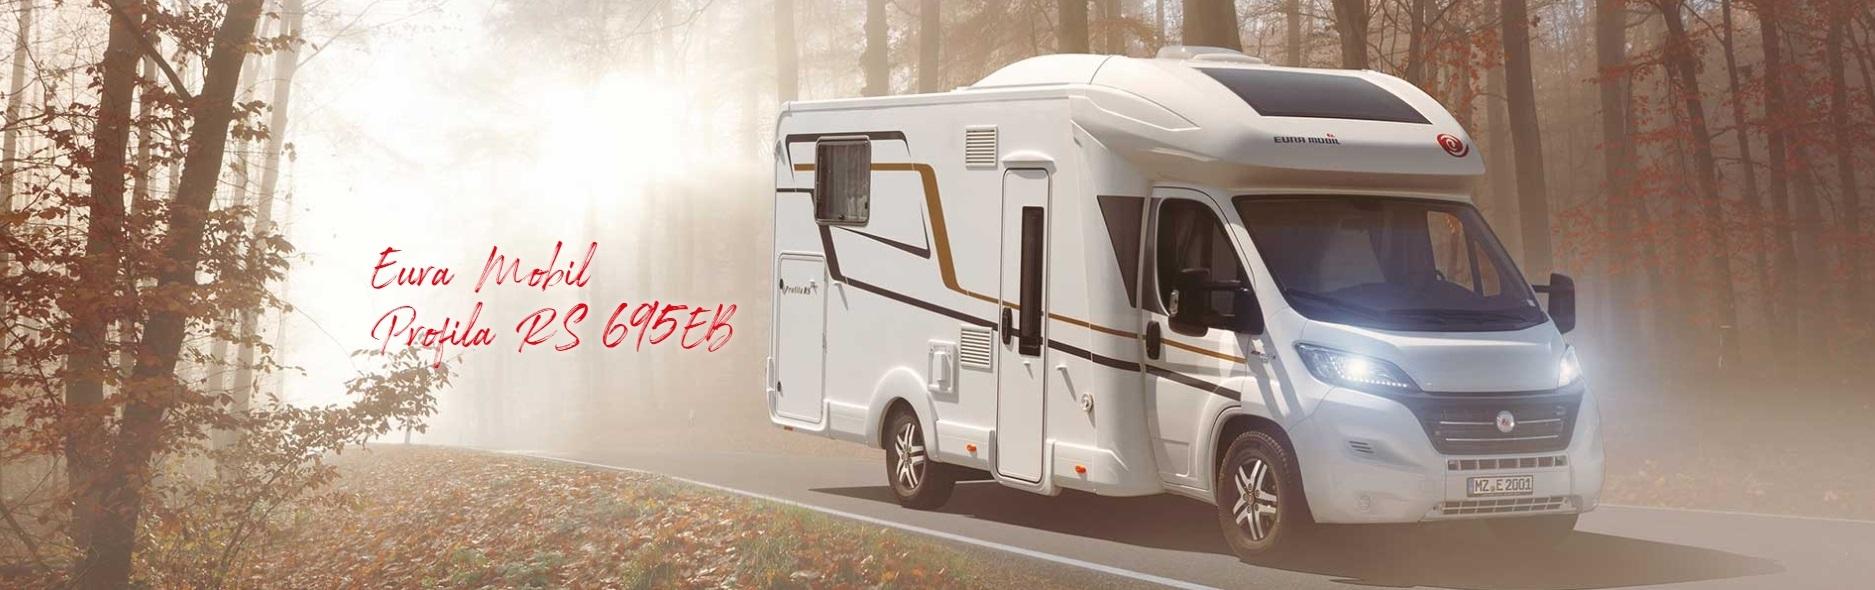 eura-mobil-profila-rs-695-eb-camper semintegrale con letti gemelli in pronta consegna presso transweit concessionario e assistenza como